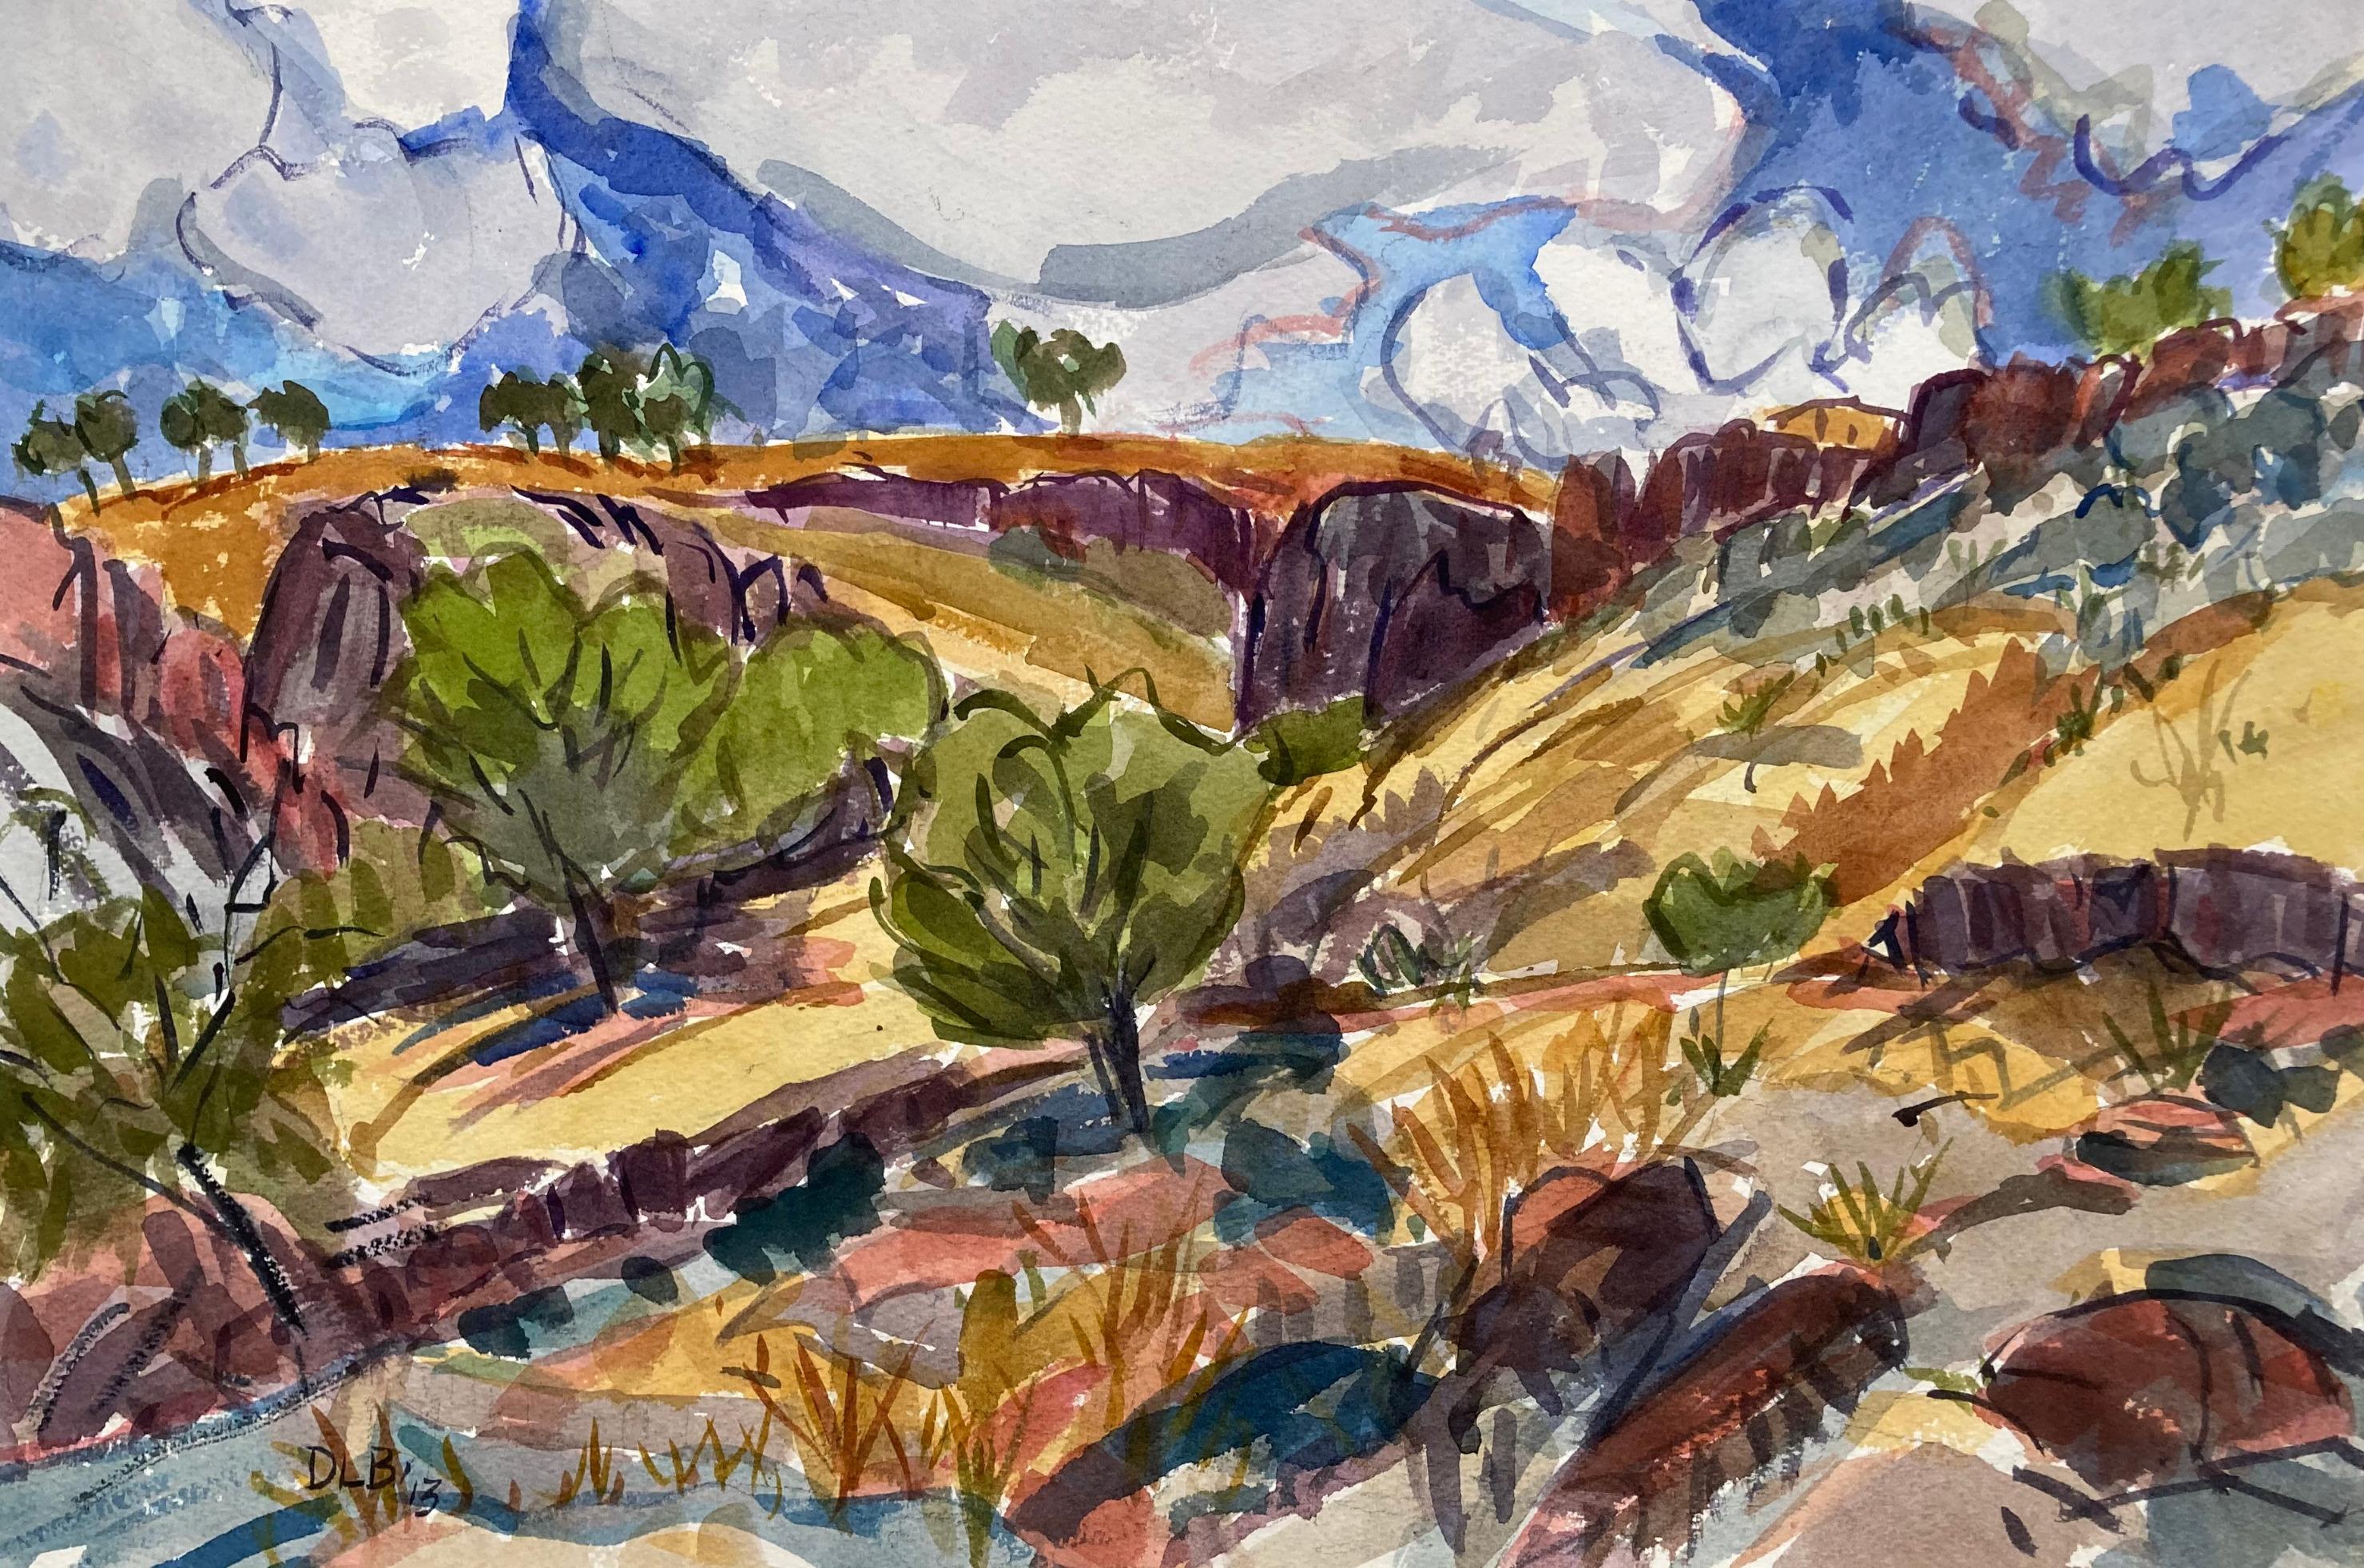 Musquiz Canyon Gully, 2013